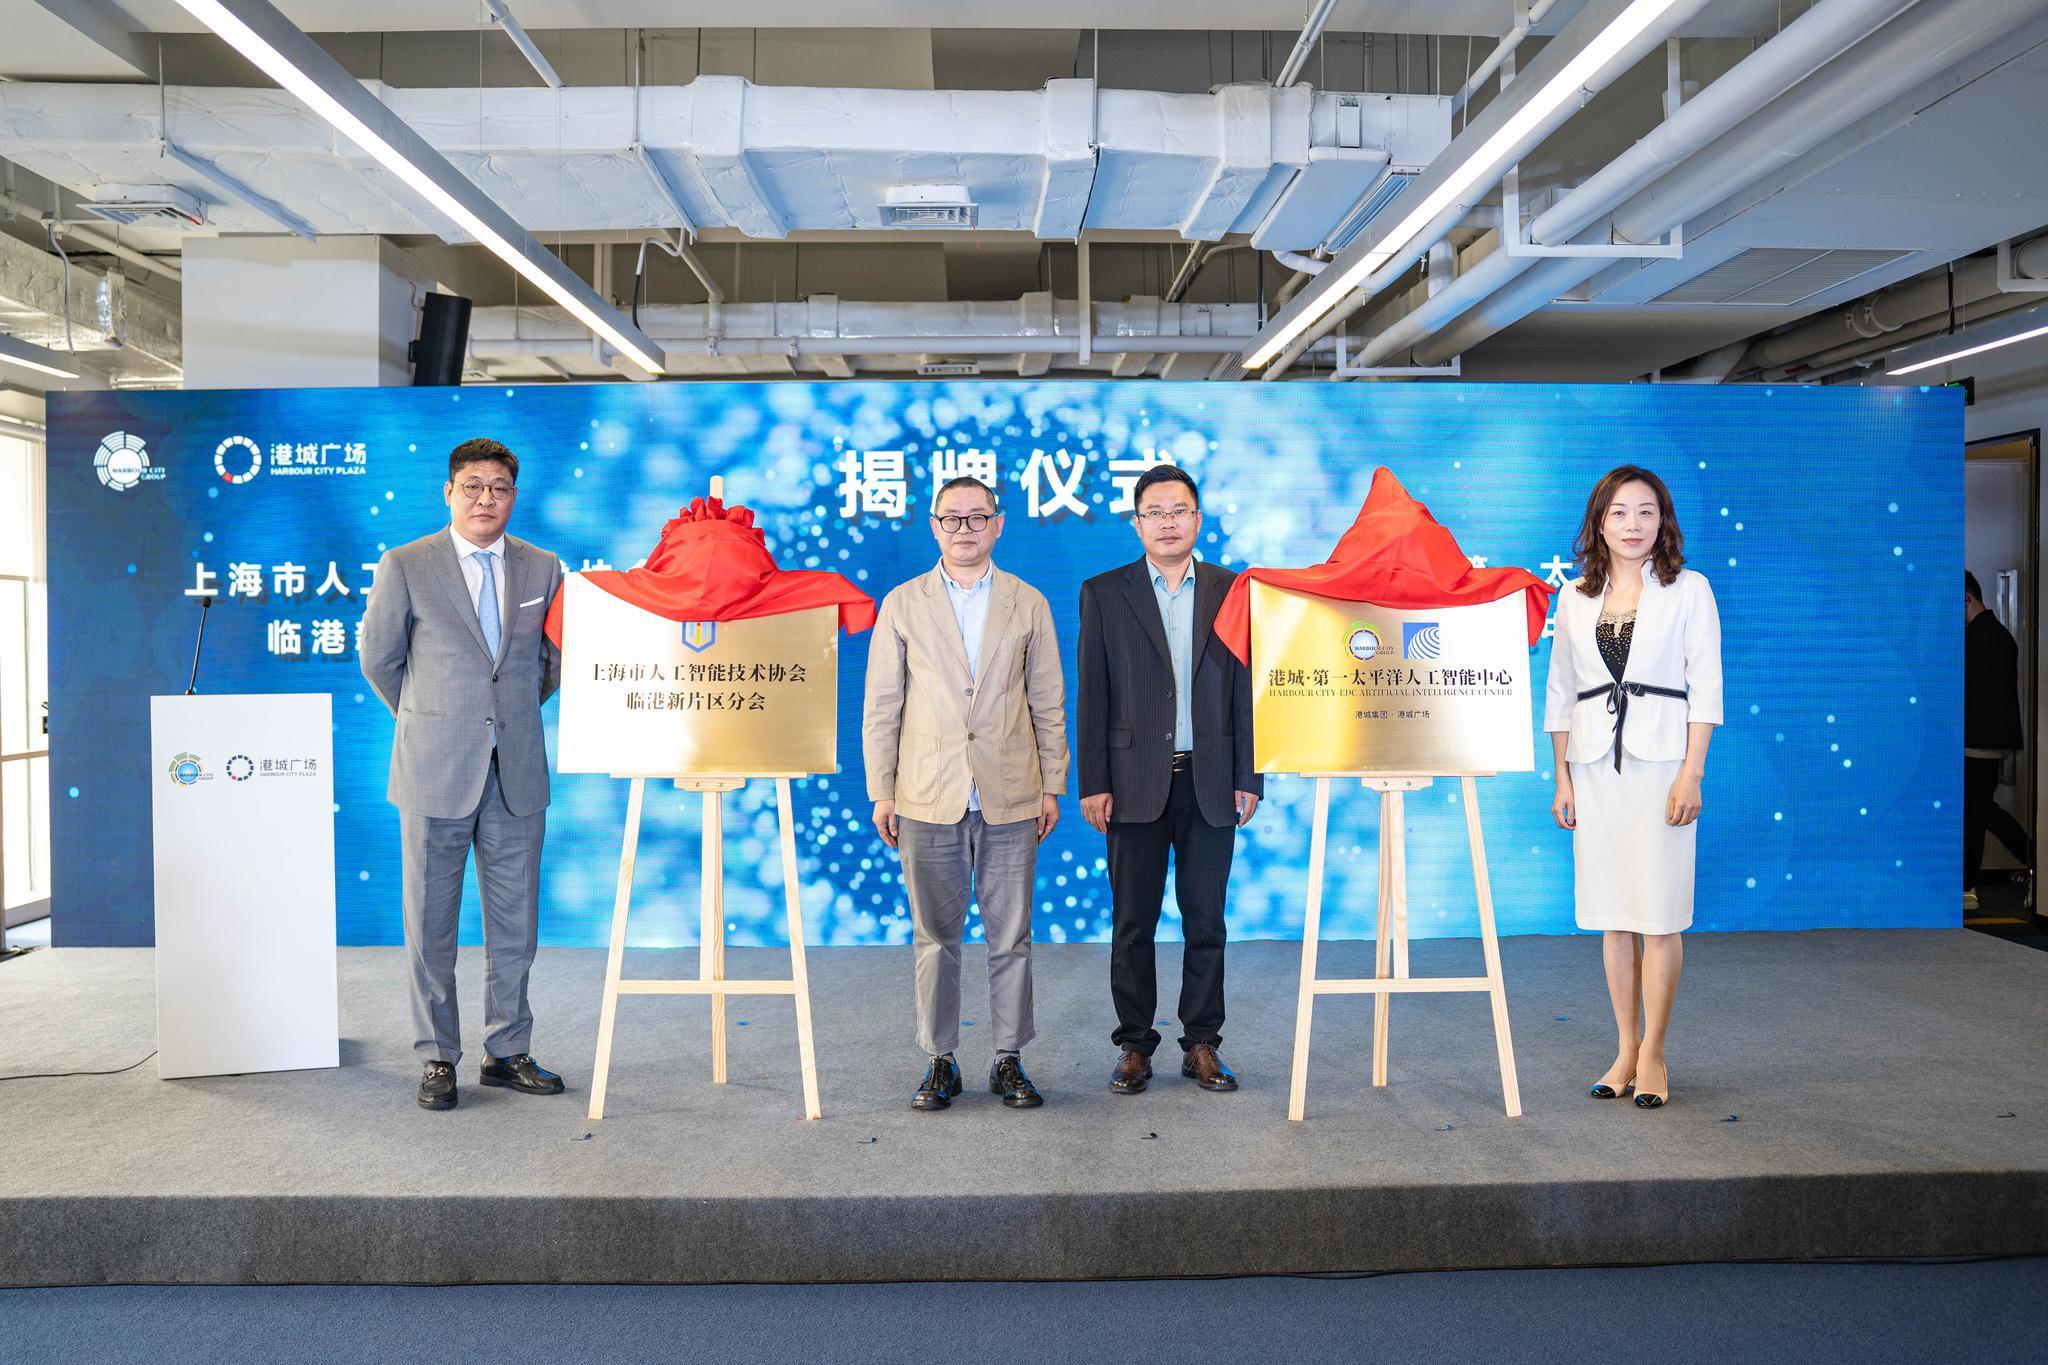 临港新片区揭牌人工智能中心,将加快AI核心基础技术创新